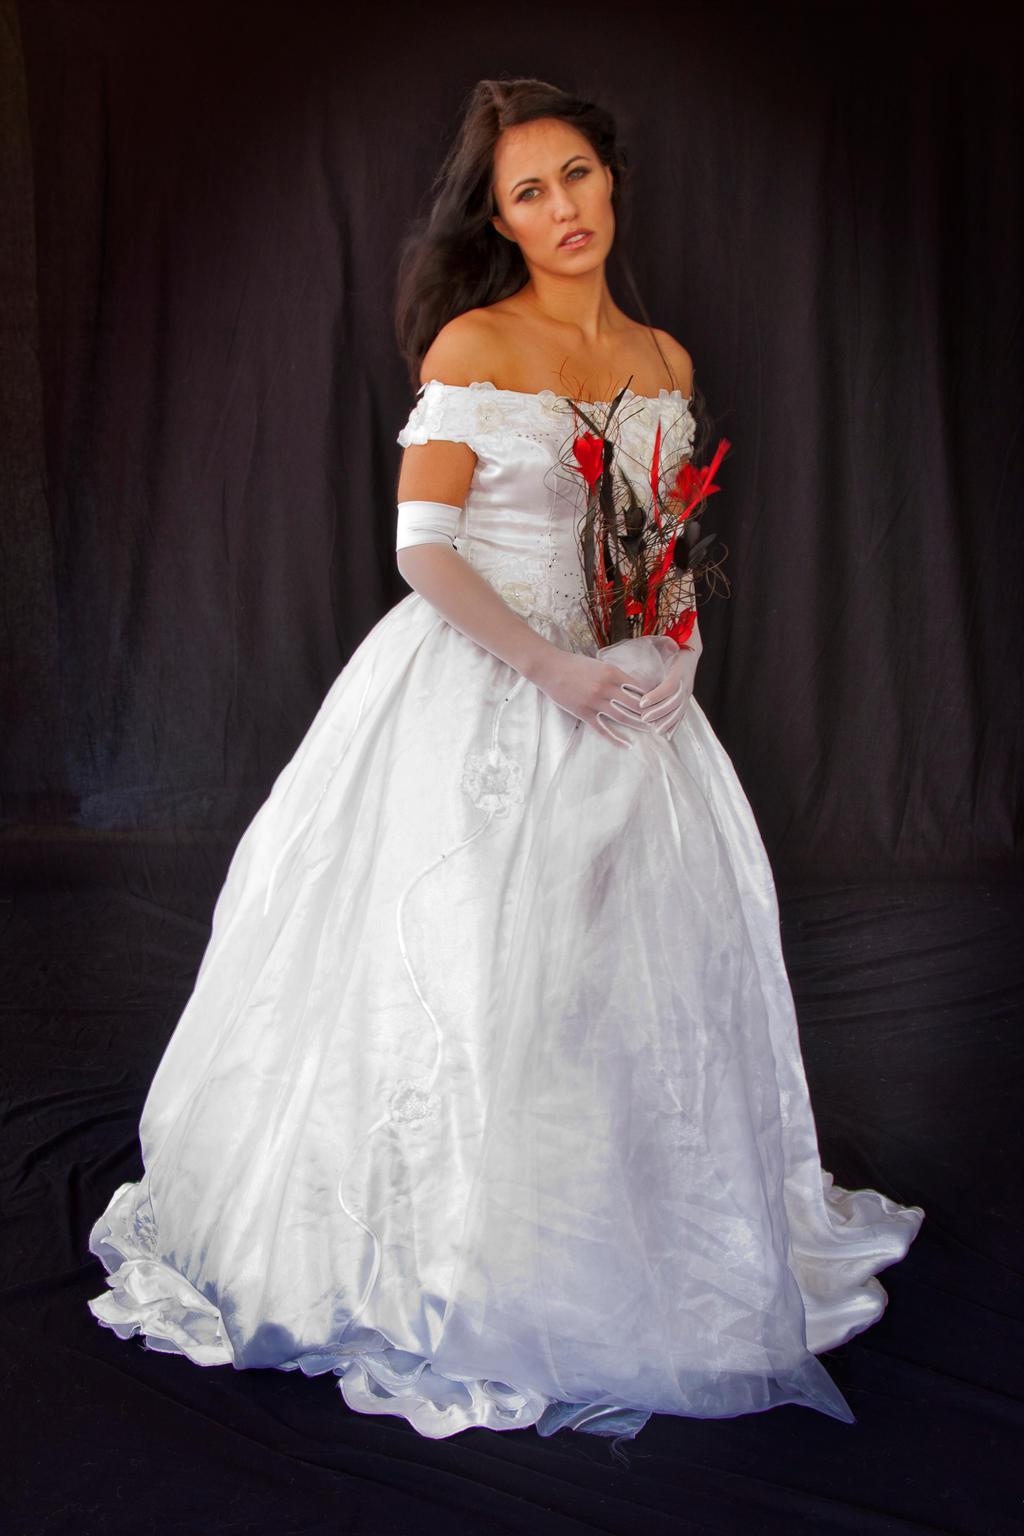 The bride by CathleenTarawhiti